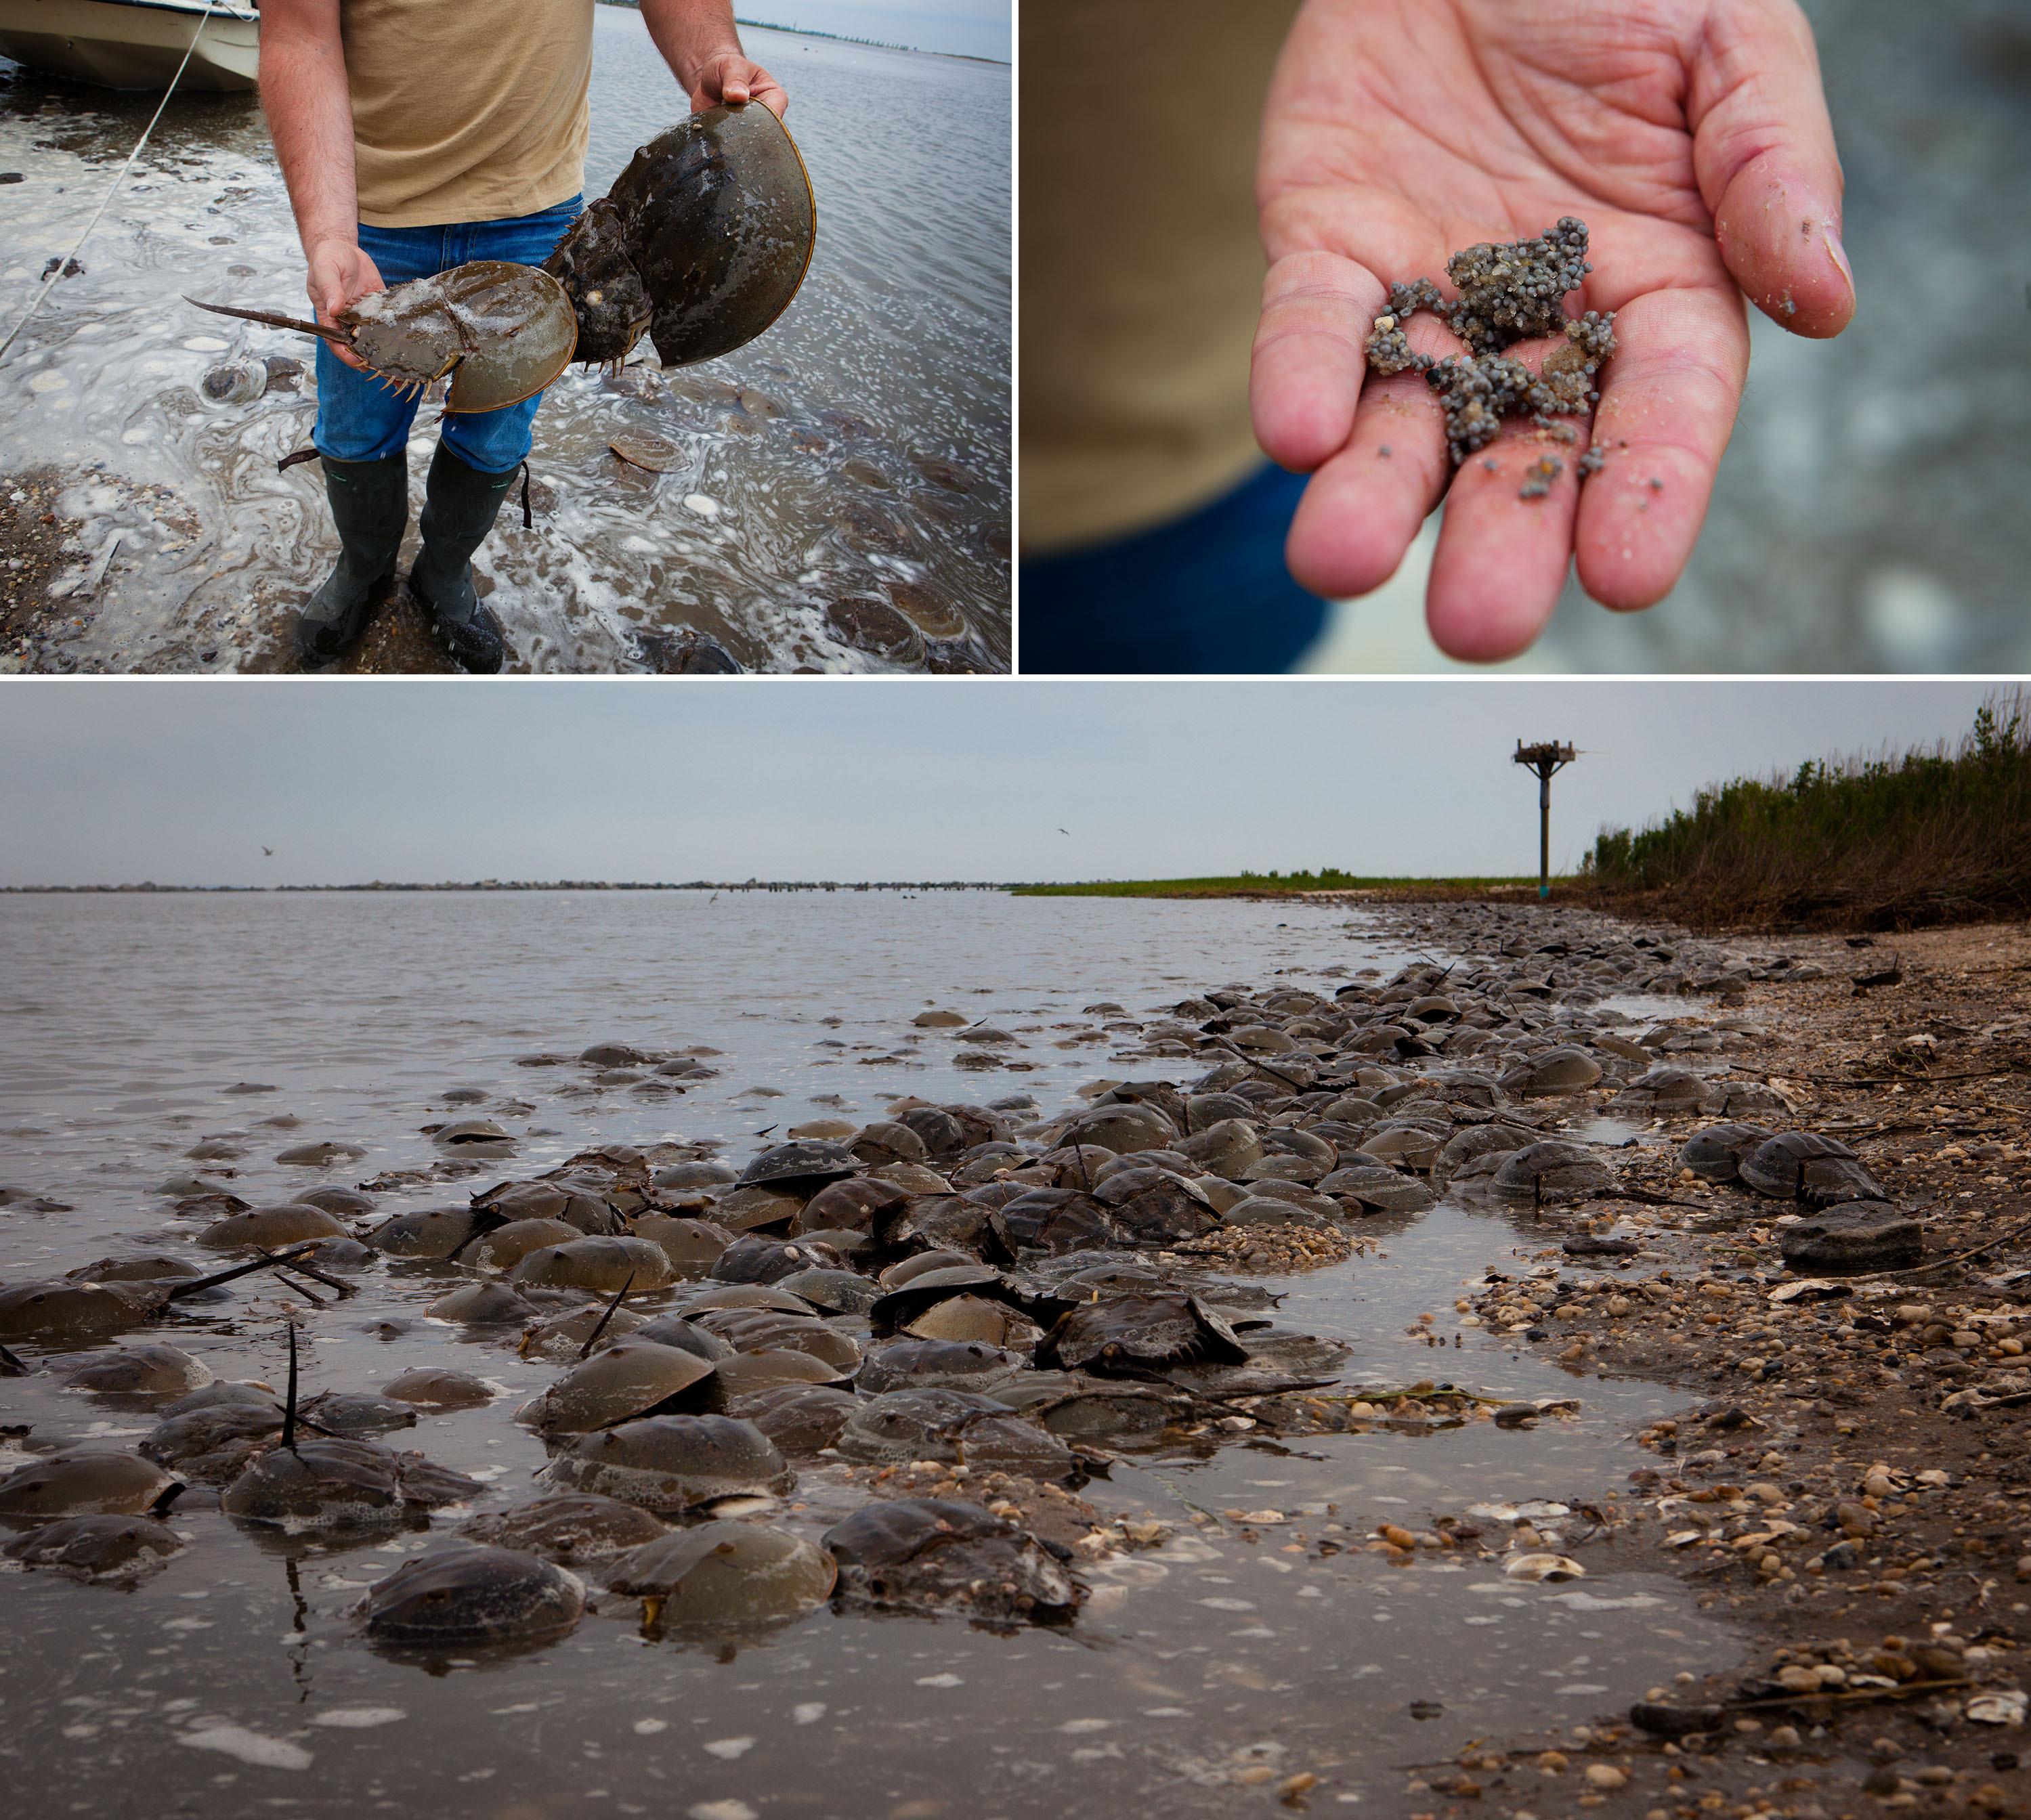 Shifts In Habitat May Threaten Ruddy Shorebird's Survival